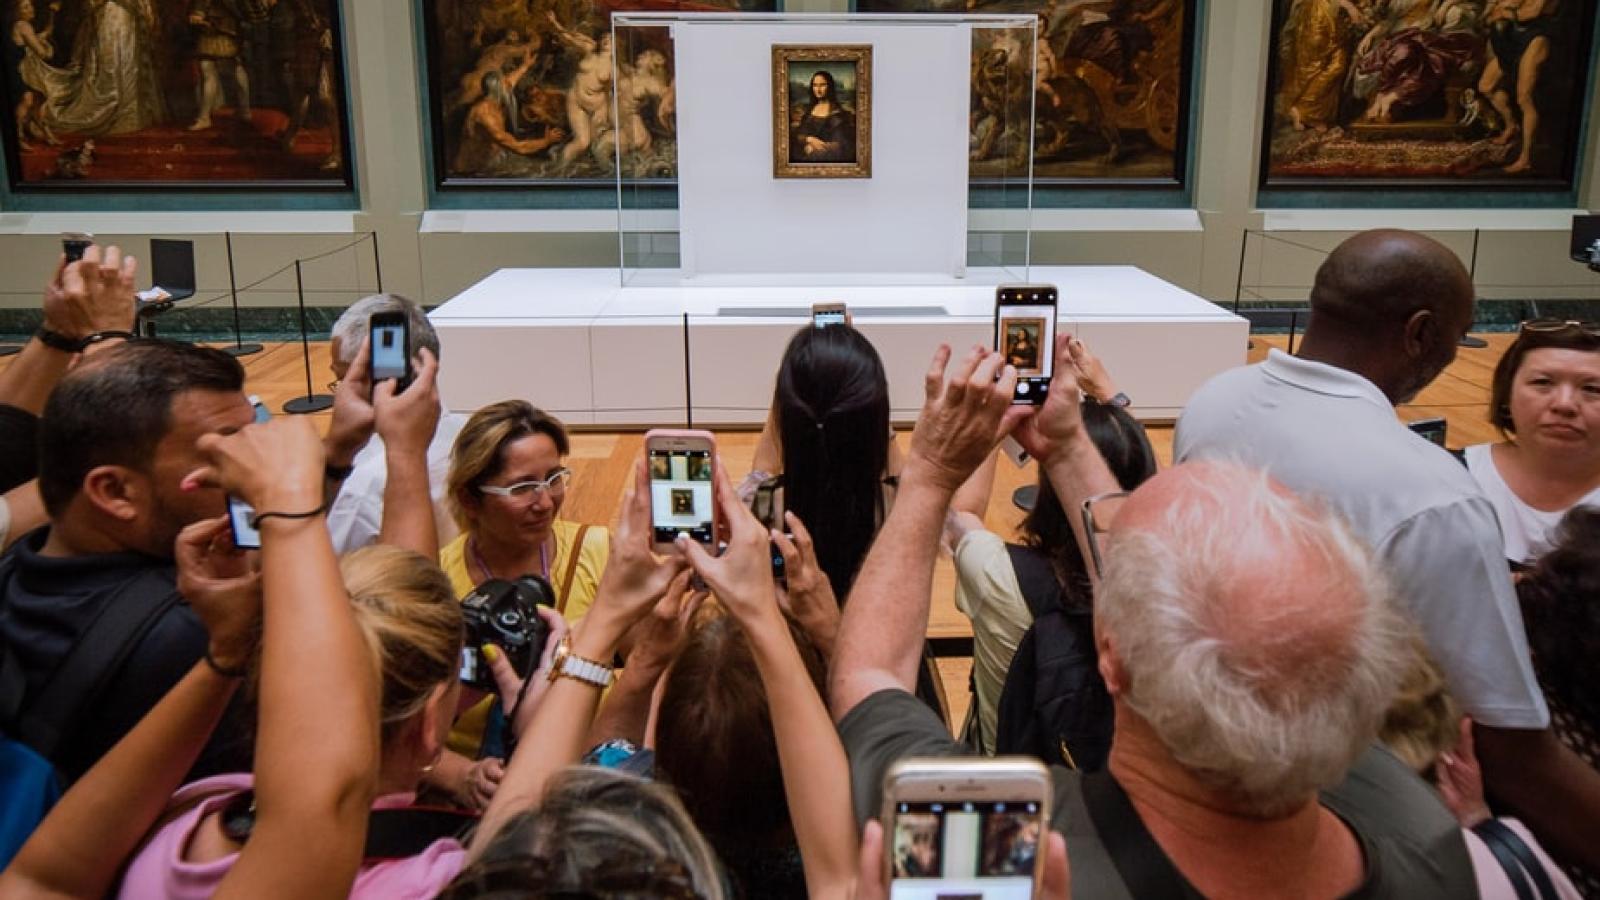 The event of the winter; Leonardo da Vinci at the Louvre